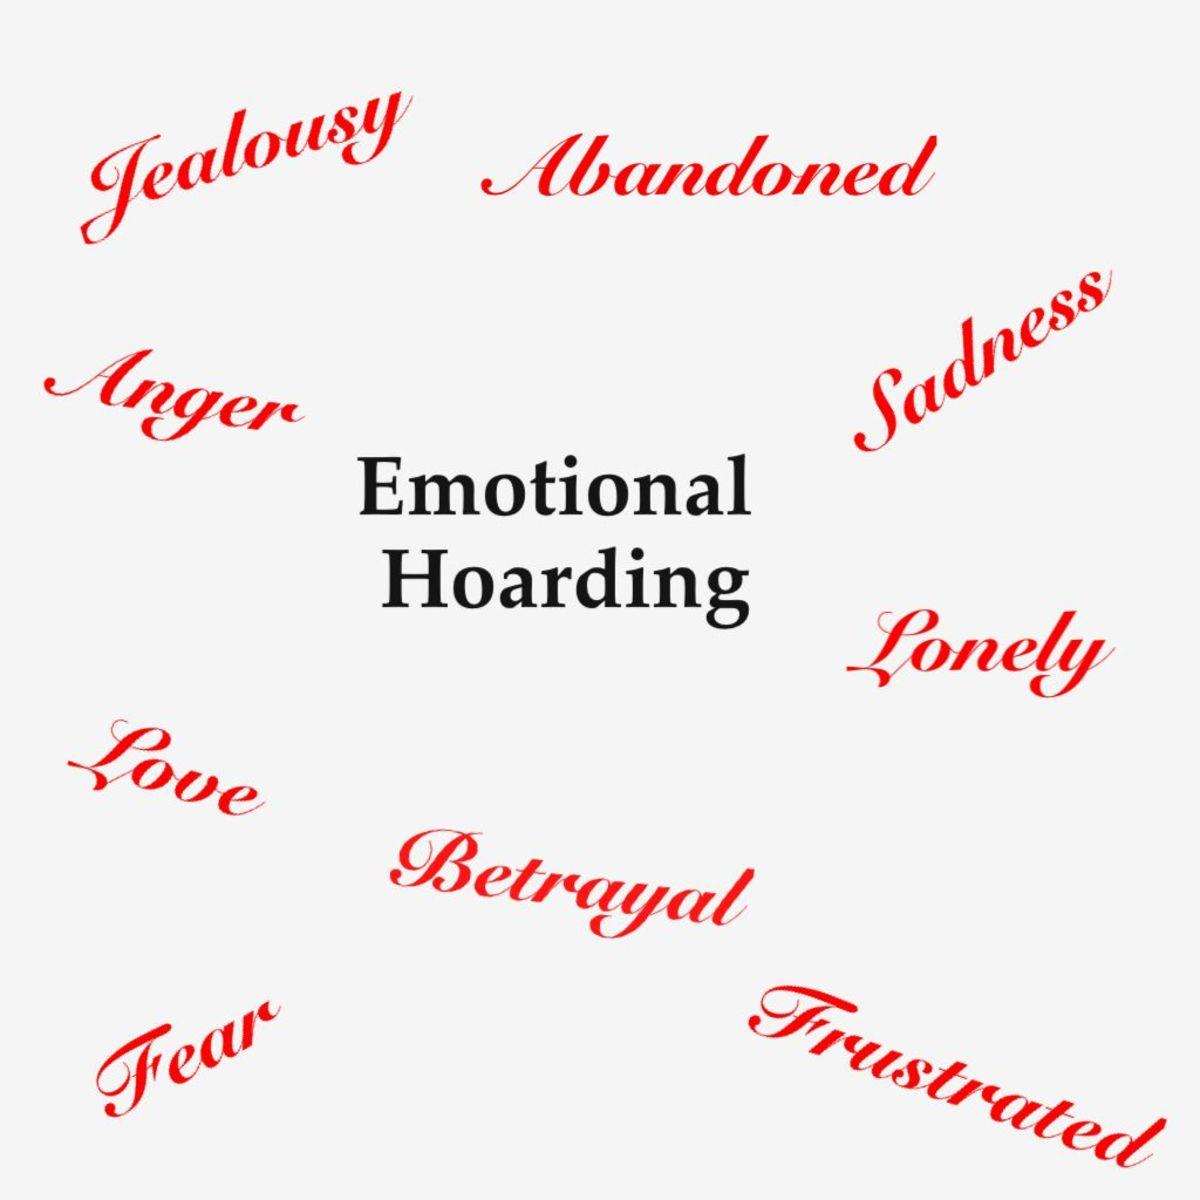 emotional-hording-ii